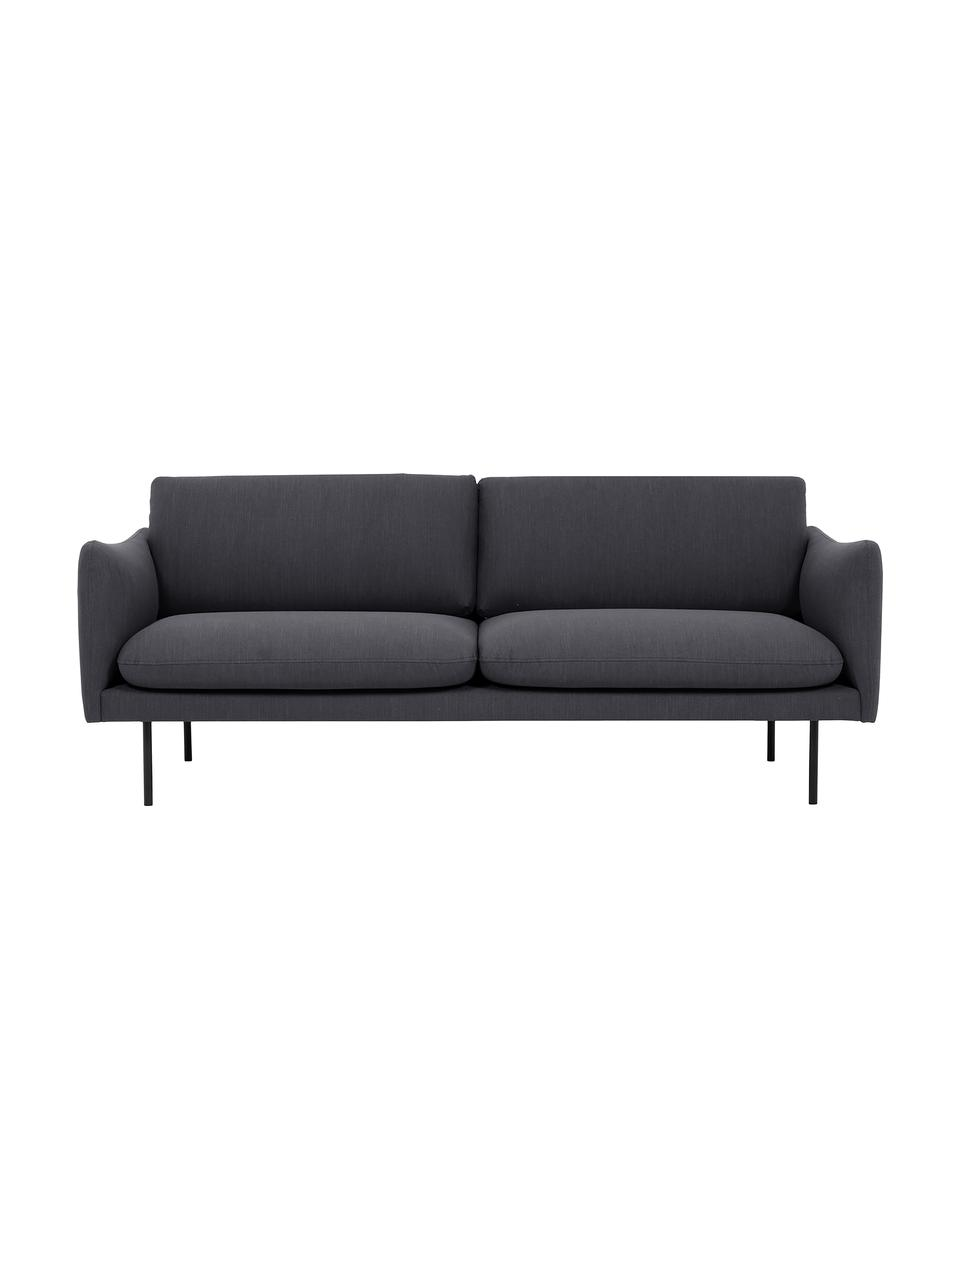 Sofa Moby (2-Sitzer) in Dunkelgrau mit Metall-Füßen, Bezug: Polyester Der hochwertige, Gestell: Massives Kiefernholz, Füße: Metall, pulverbeschichtet, Webstoff Dunkelgrau, B 170 x T 95 cm